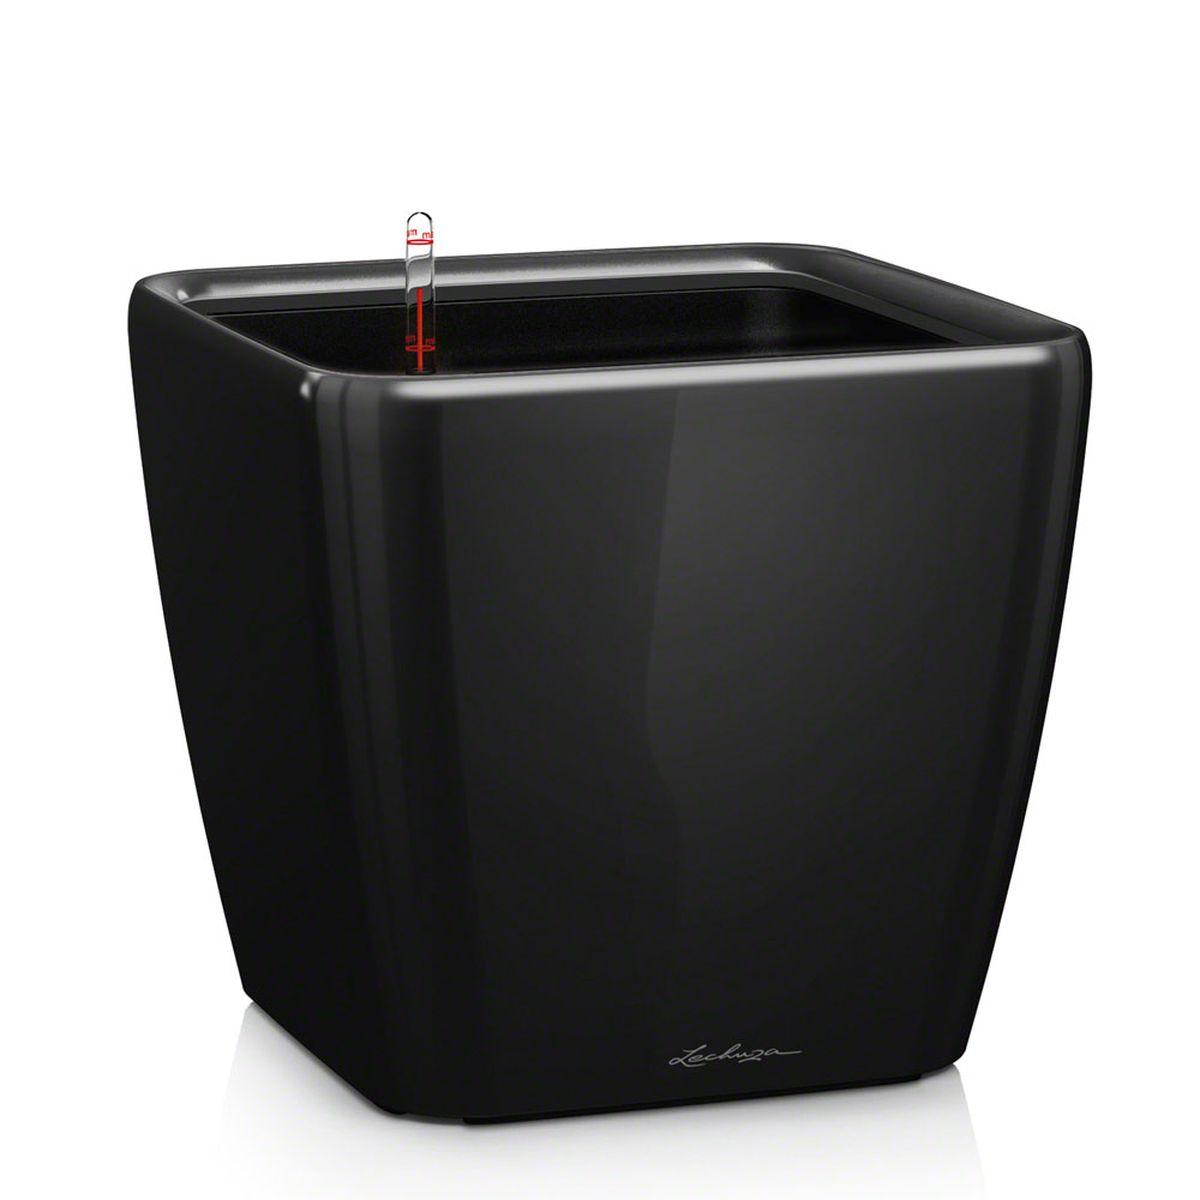 Кашпо с автополивом Lechuza Quadro 50х47 см, черное LSZ-0307Элегантная ручка цвета самого кашпо украшает все наборы Все-в-одном кашпо серии QUADRO. Она не только красиво смотрится, но и обеспечивает возможность легкой замены растений.Особые преимущества:- Запатентованный внутренний горшок- Ручка цвета горшка не только практична, но еще и дополнительно подчеркивает изящный дизайн кашпо- В качестве опции: Подставка на роликах для QUADRO 43 и 50